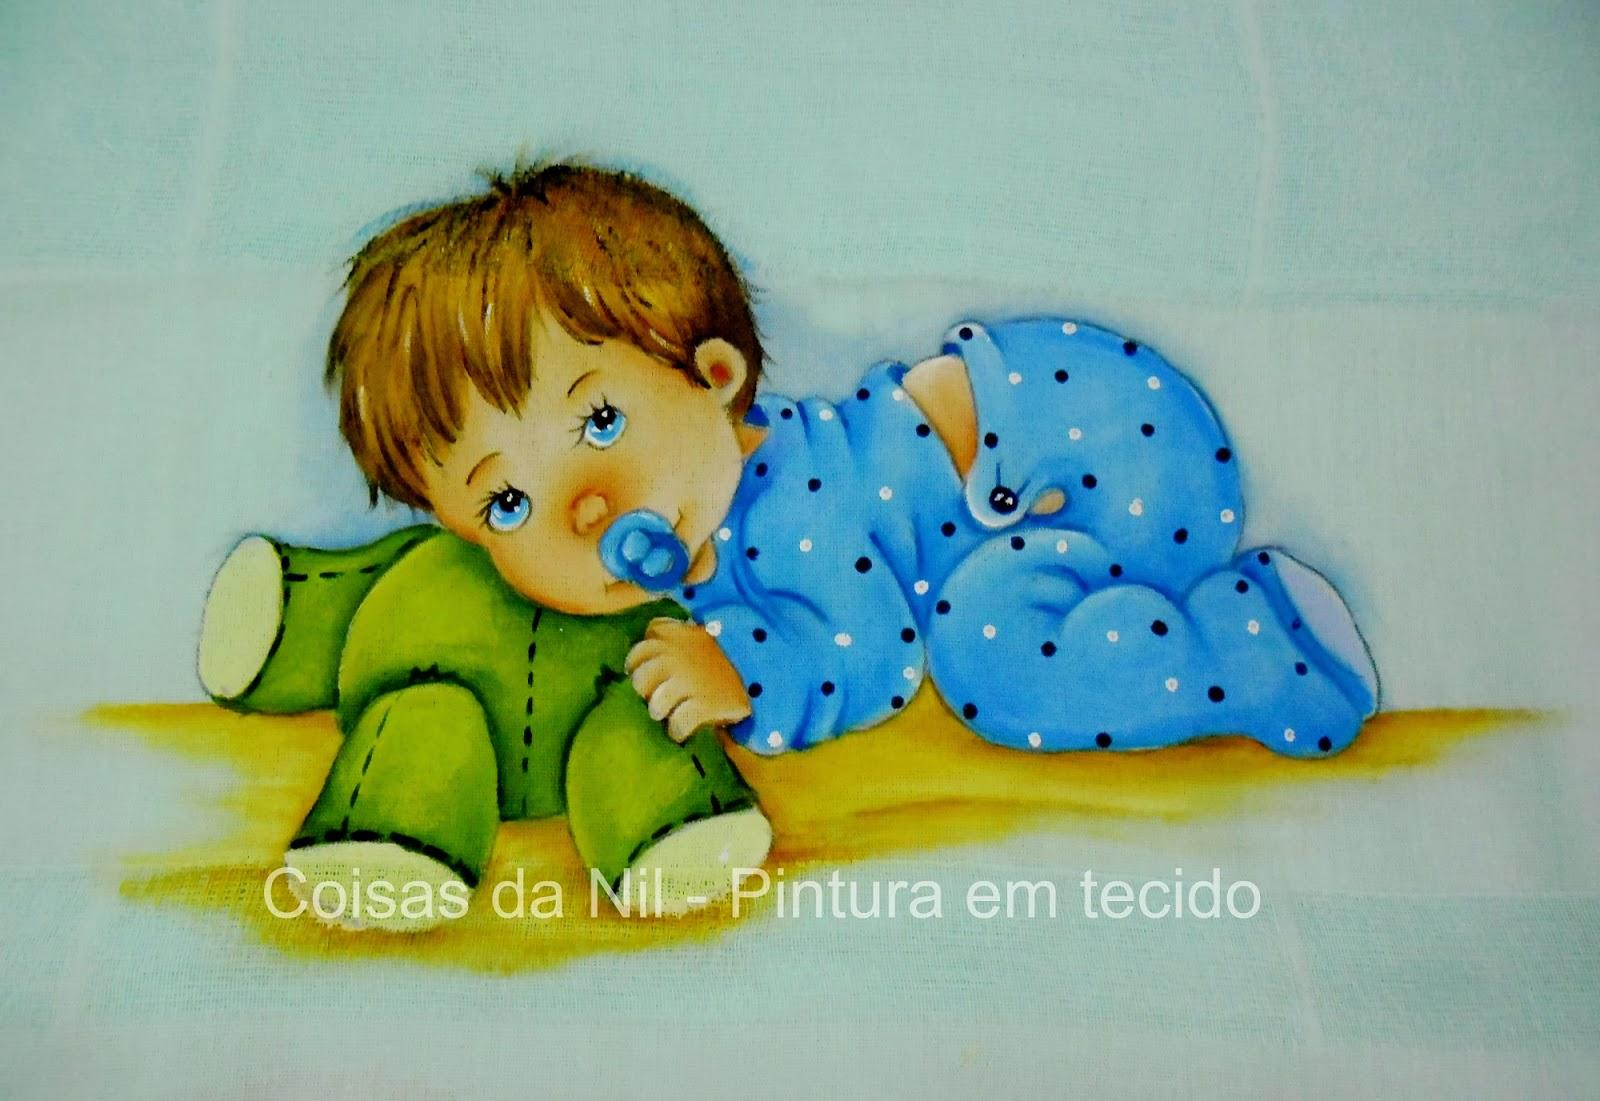 pintura em tecido fralda com menininho deitado sobre ursinho verde